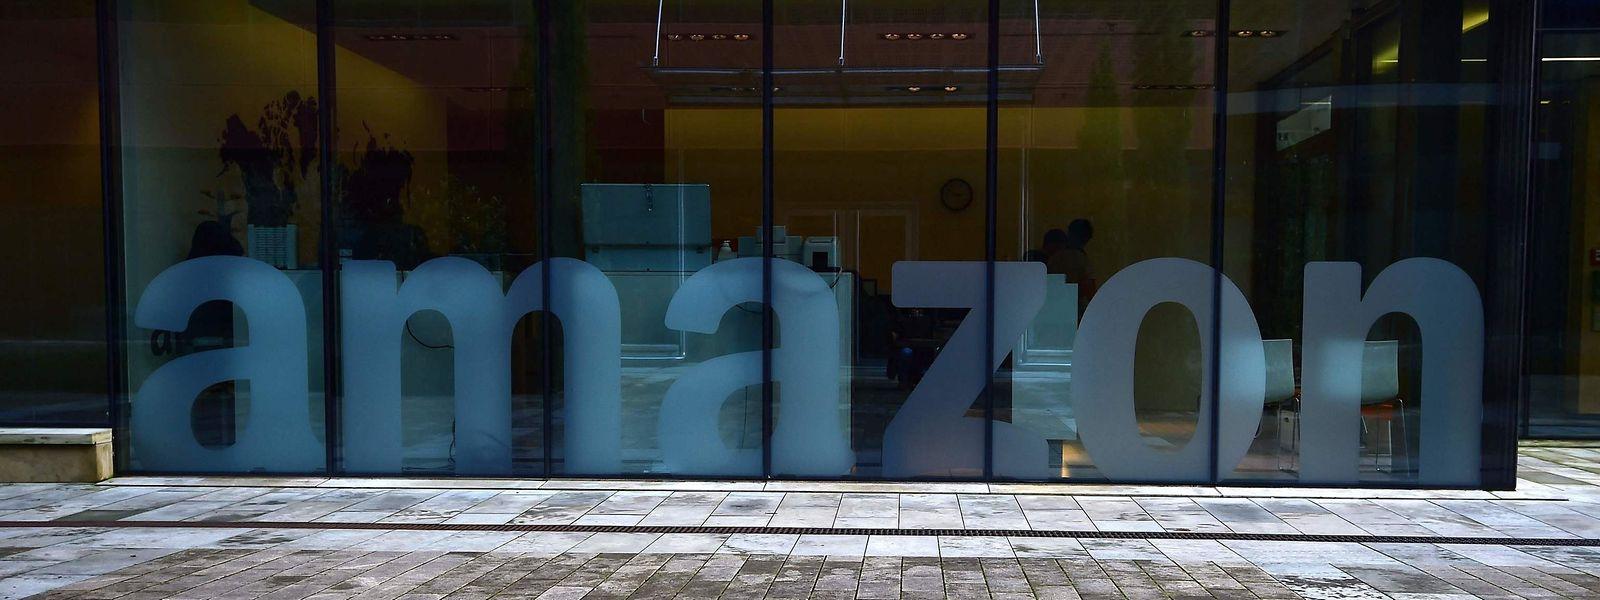 Nach Erkenntnissen der britischen Forscher steht Luxemburg im Mittelpunkt der globalen Steuervermeidungsstrategie des Konzerns.